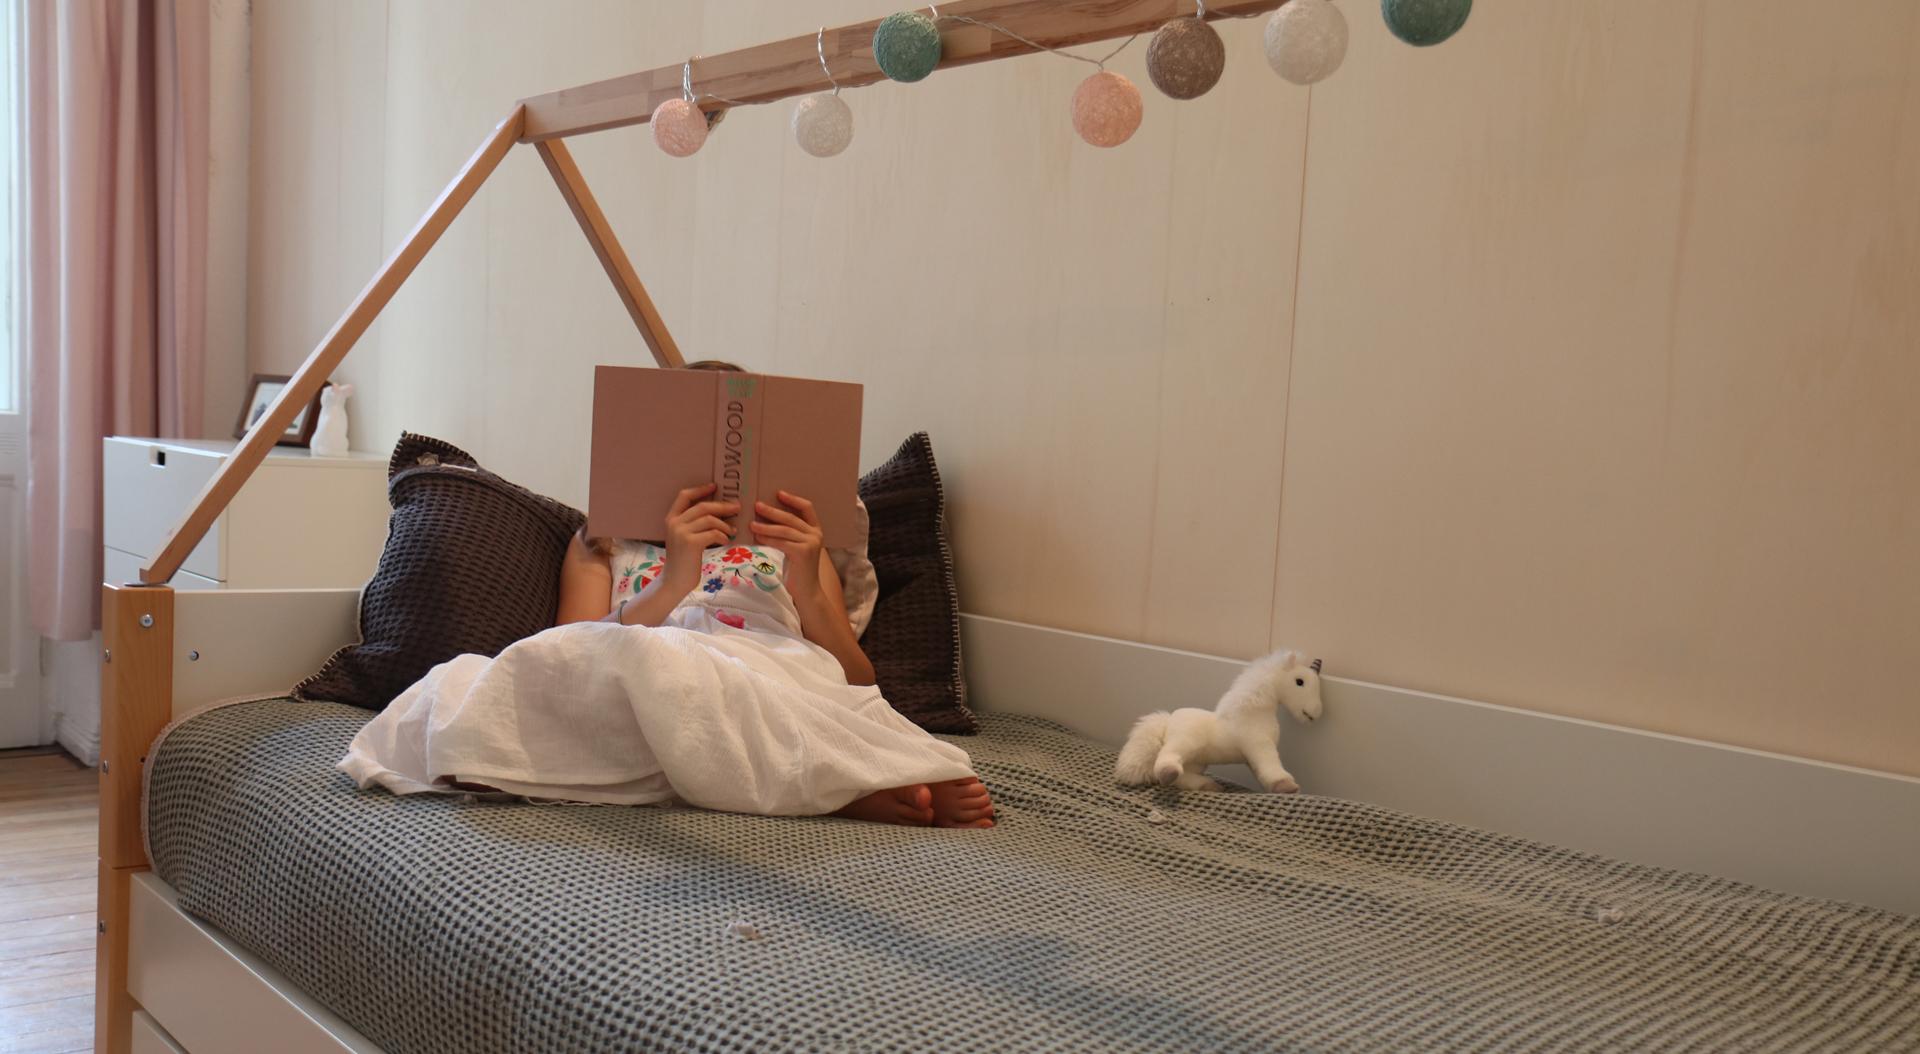 Full Size of Kleinkind Bett Mitwachsendes Von Manis H Fr Wachsende Werbung Romantisches Kaufen Hamburg Mit Rückenlehne Stabiles Weiß 100x200 Erhöhtes Betten Günstig Bett Kleinkind Bett